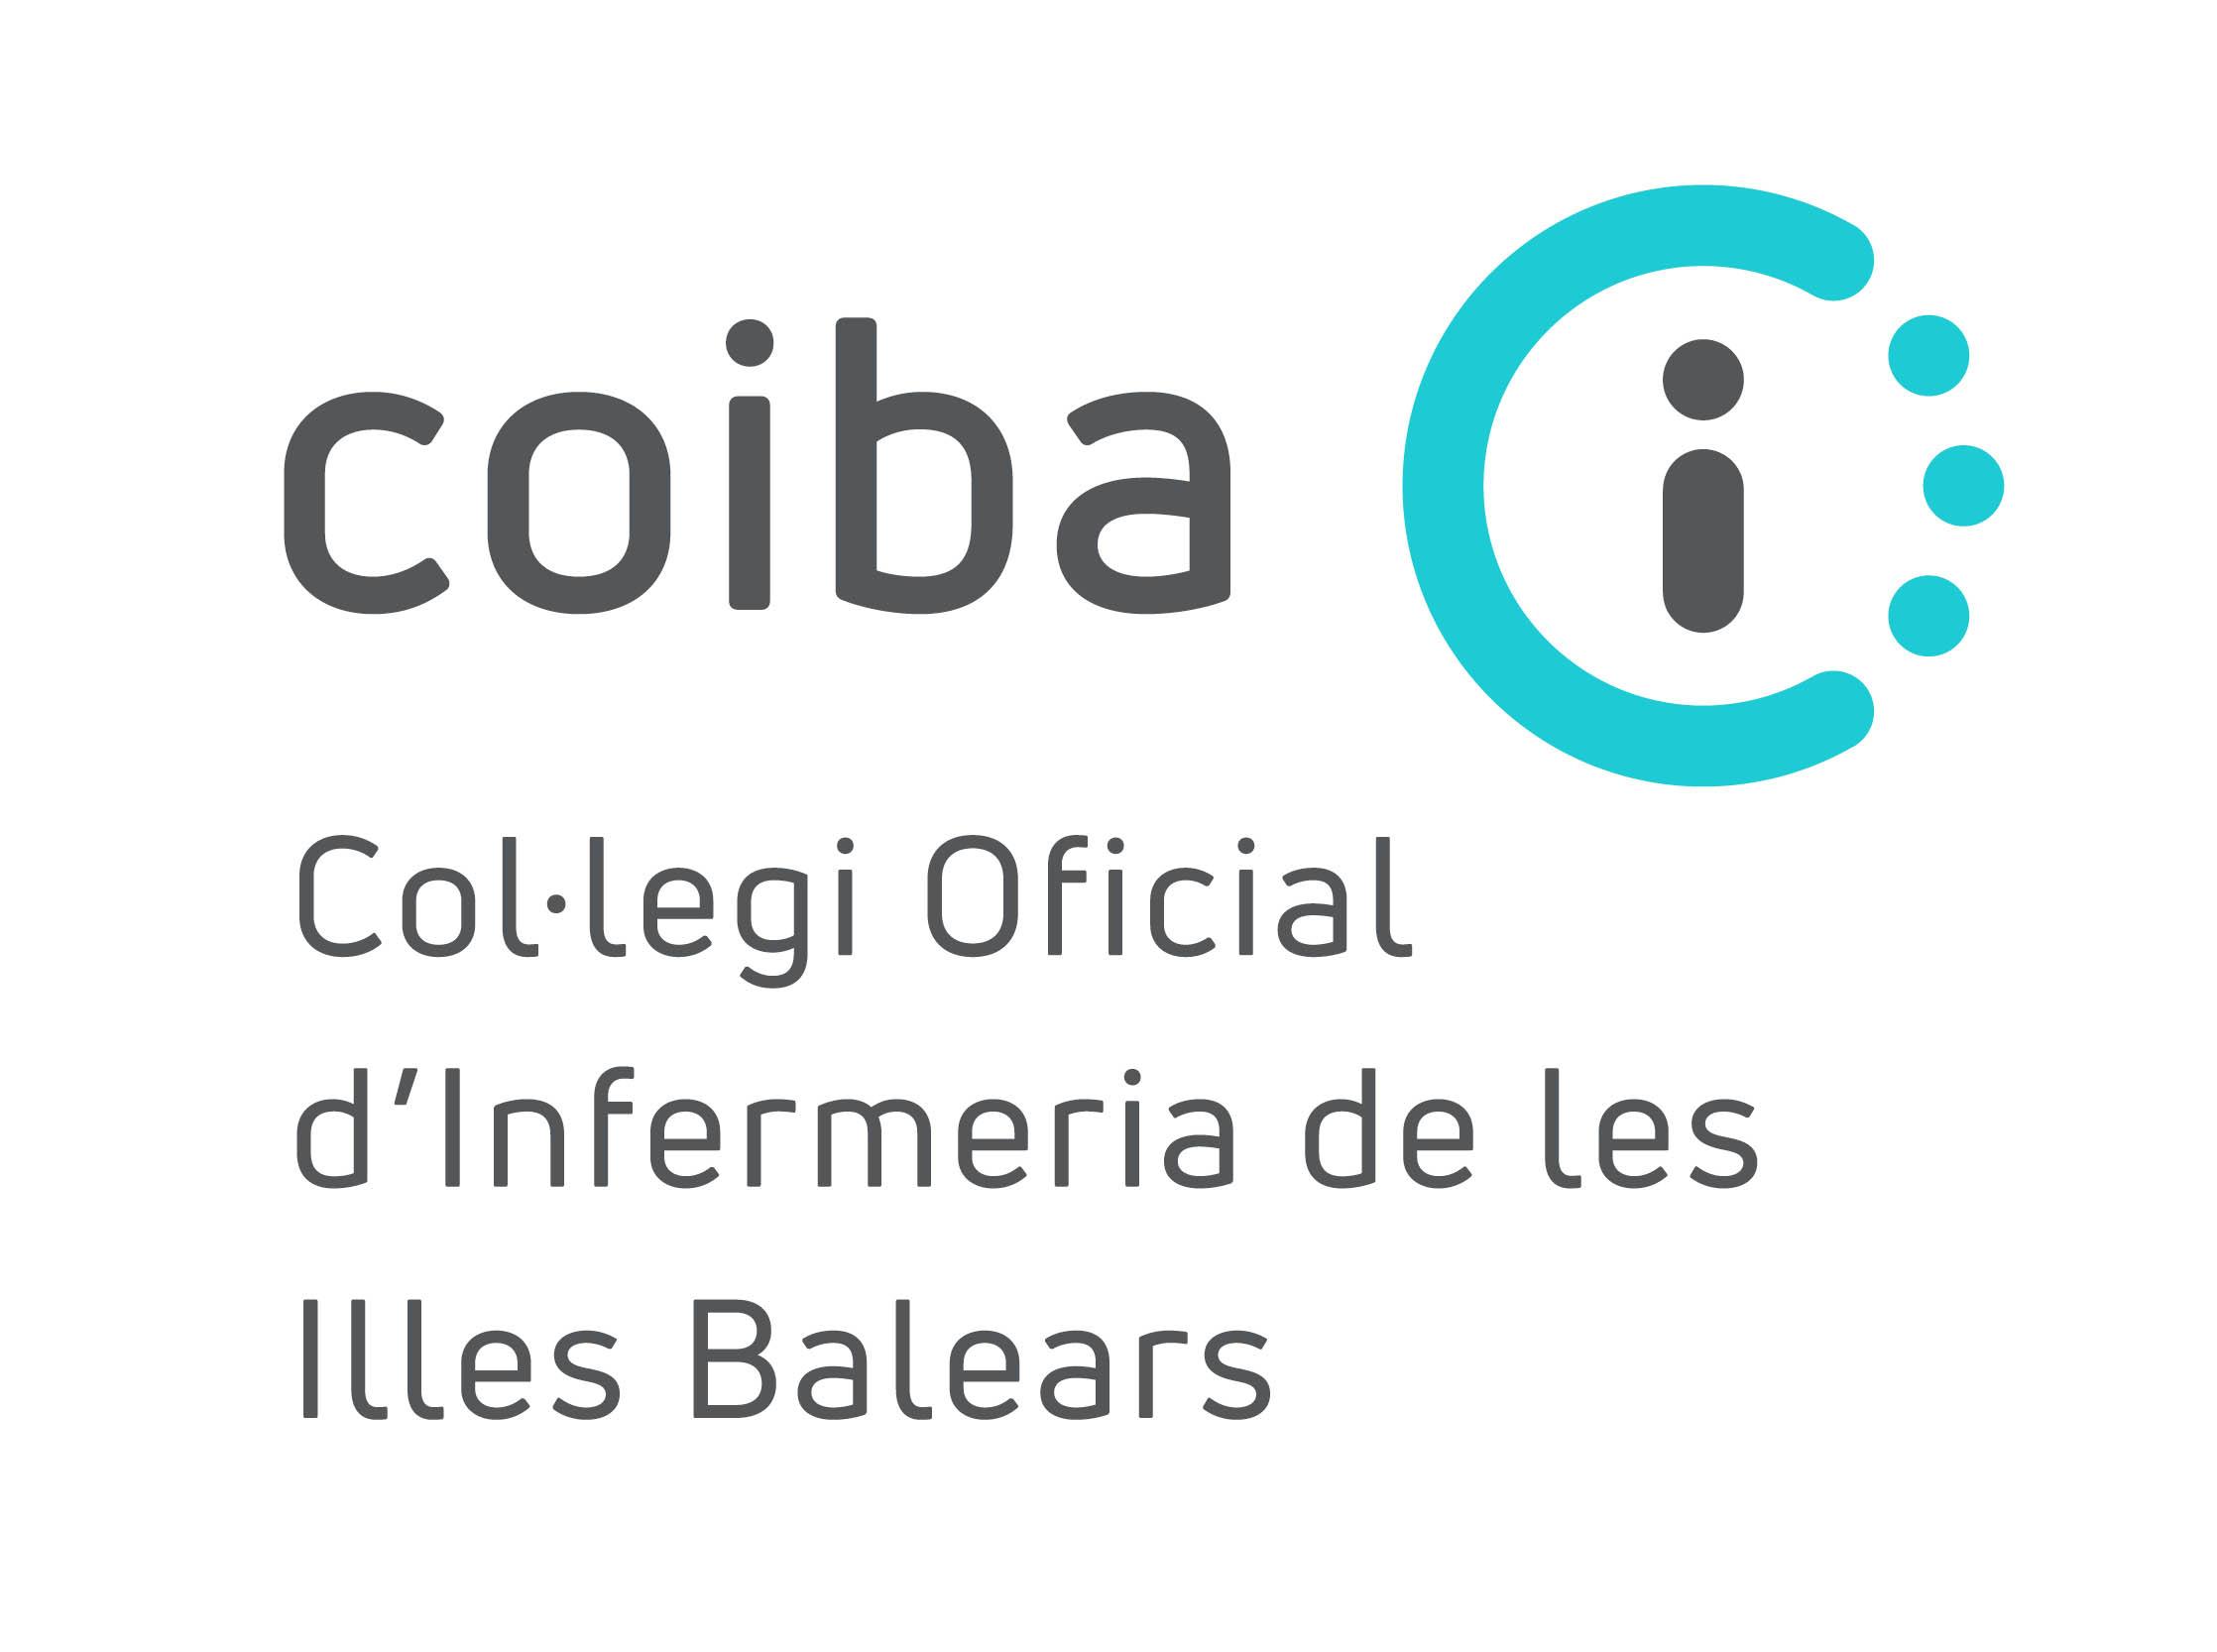 Col·legi Oficial d'Infermeria de les Illes Balears